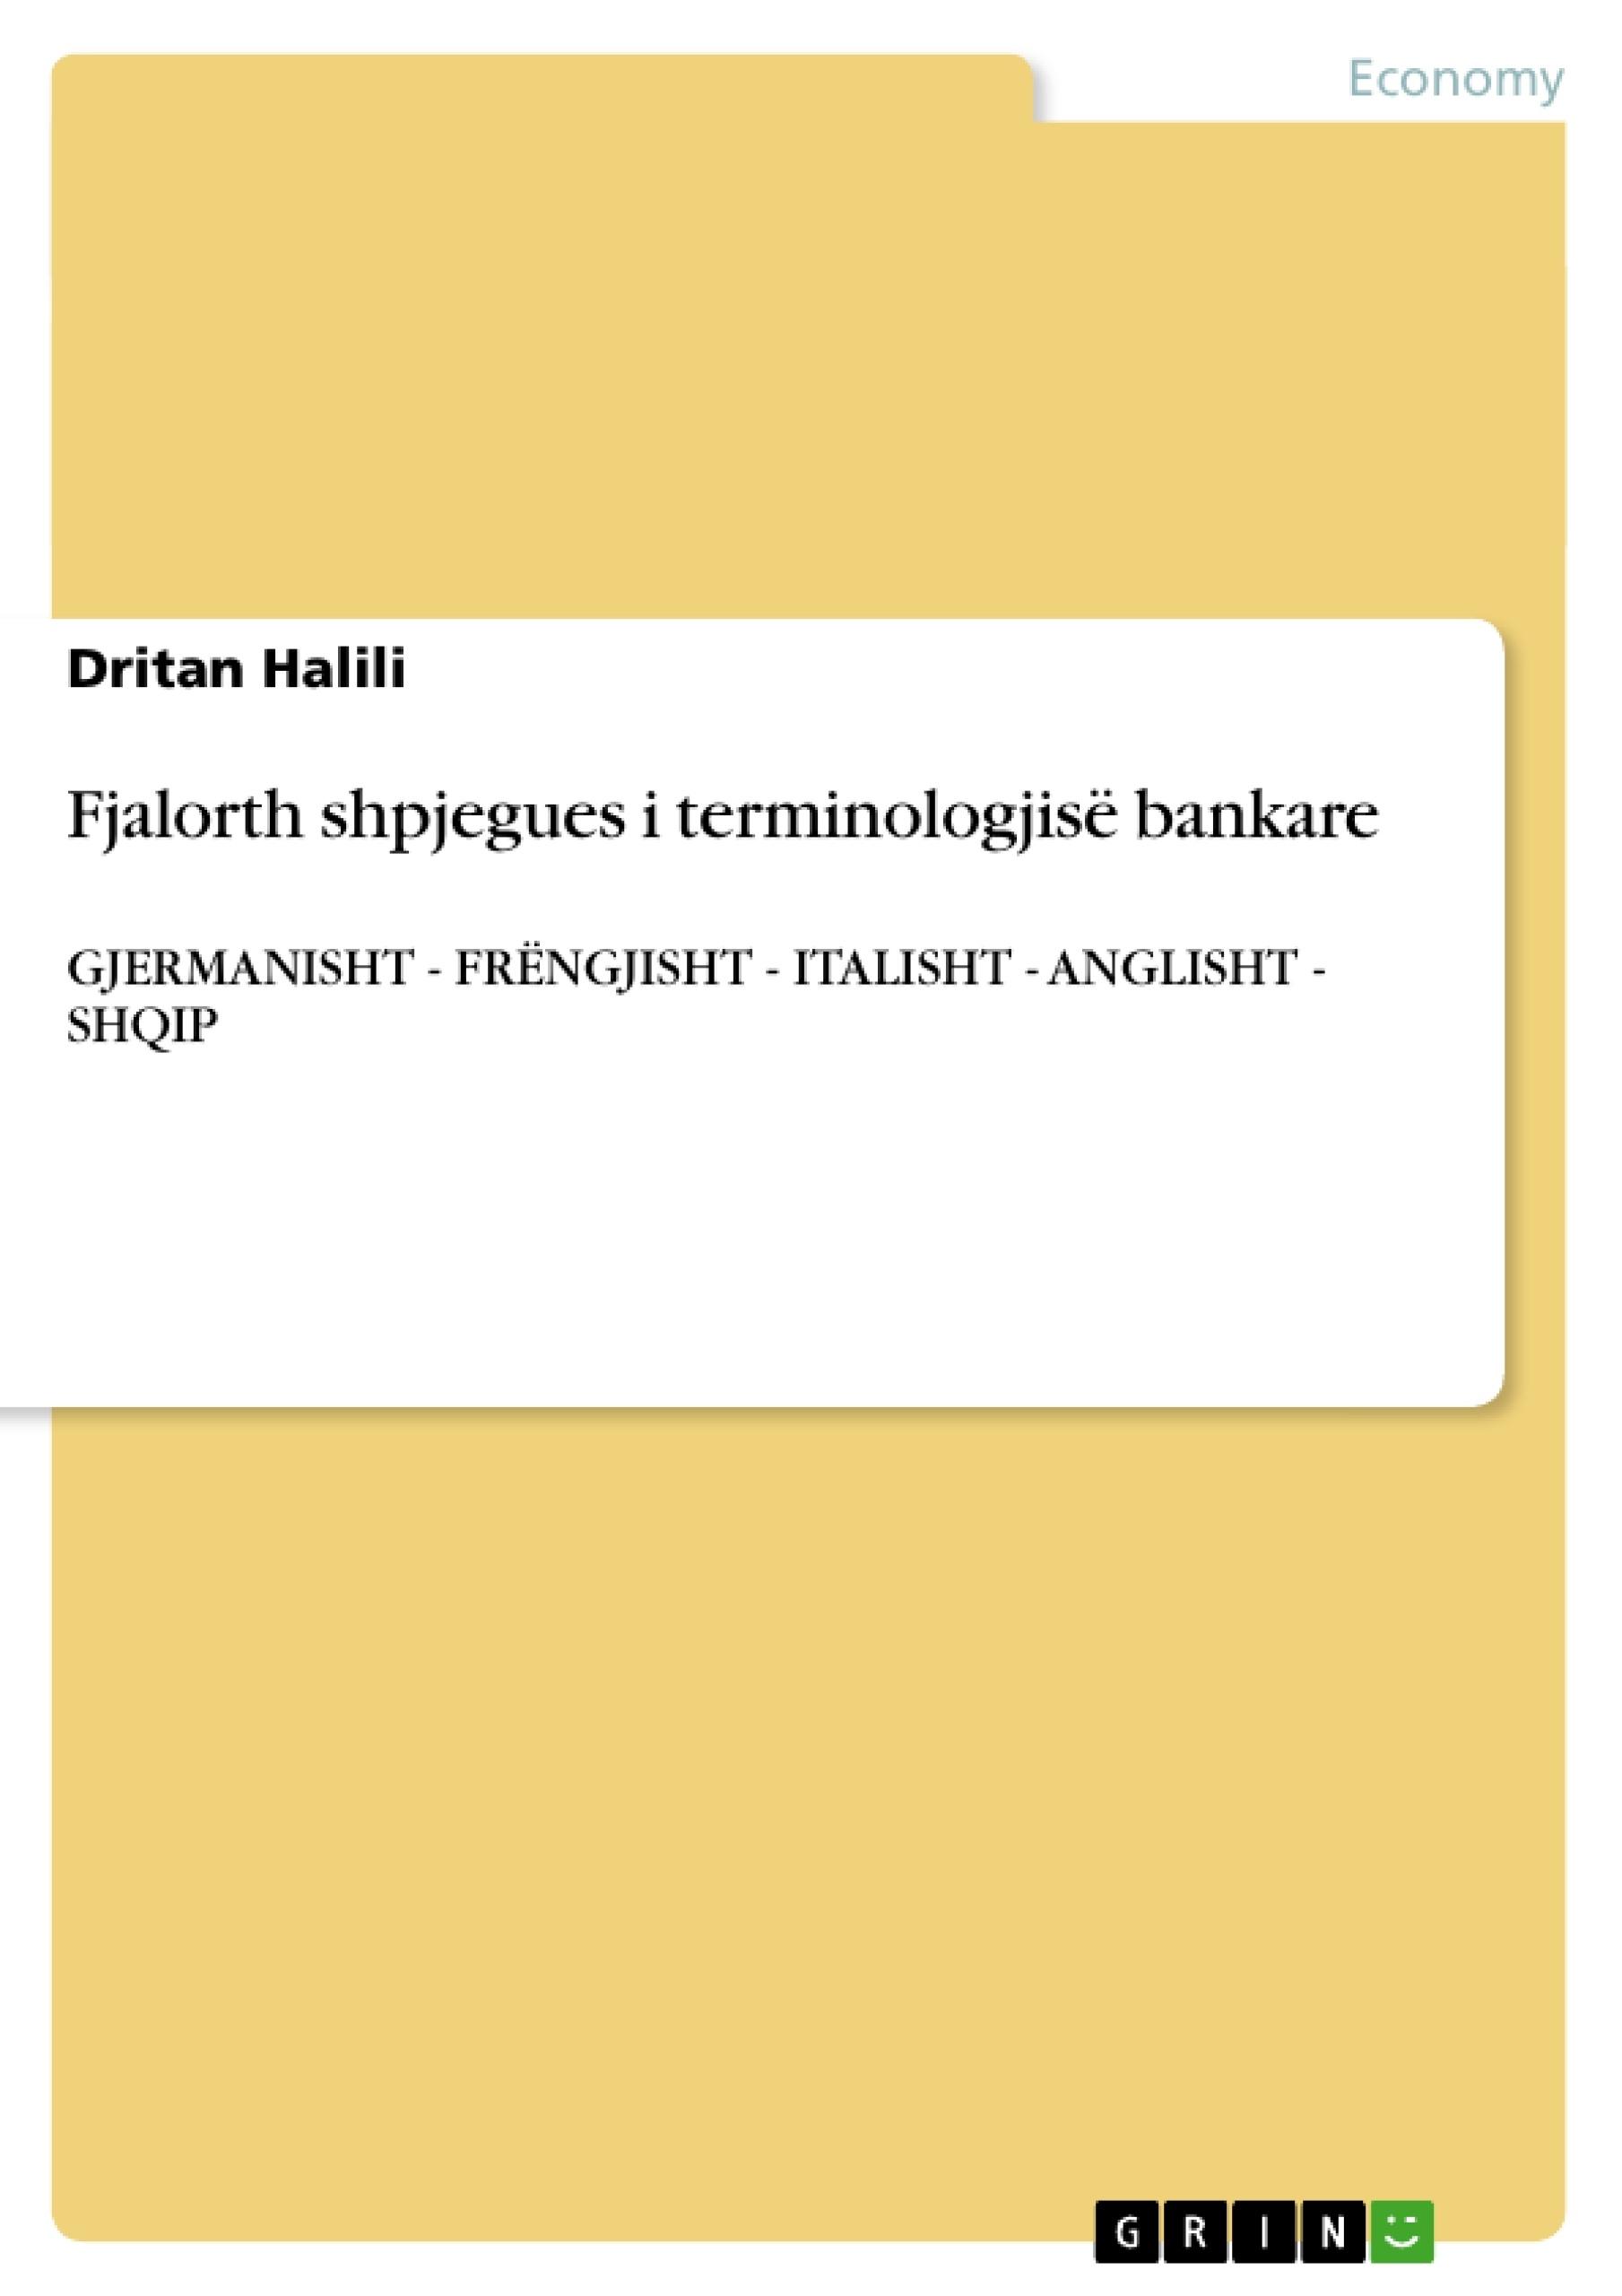 Title: Fjalorth shpjegues i terminologjisë bankare